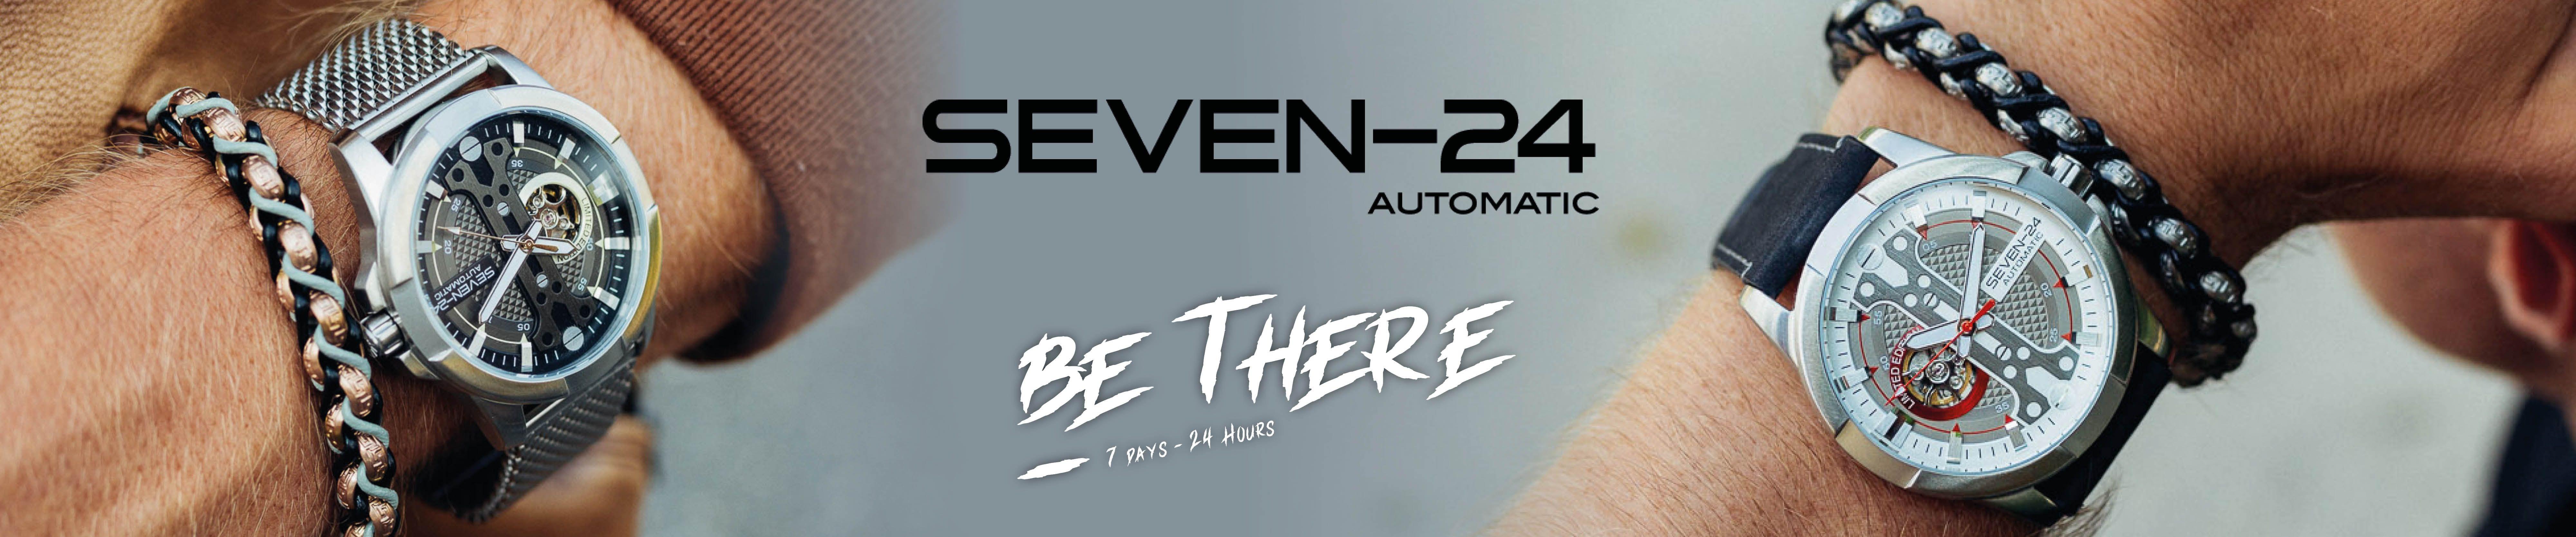 Seven-24